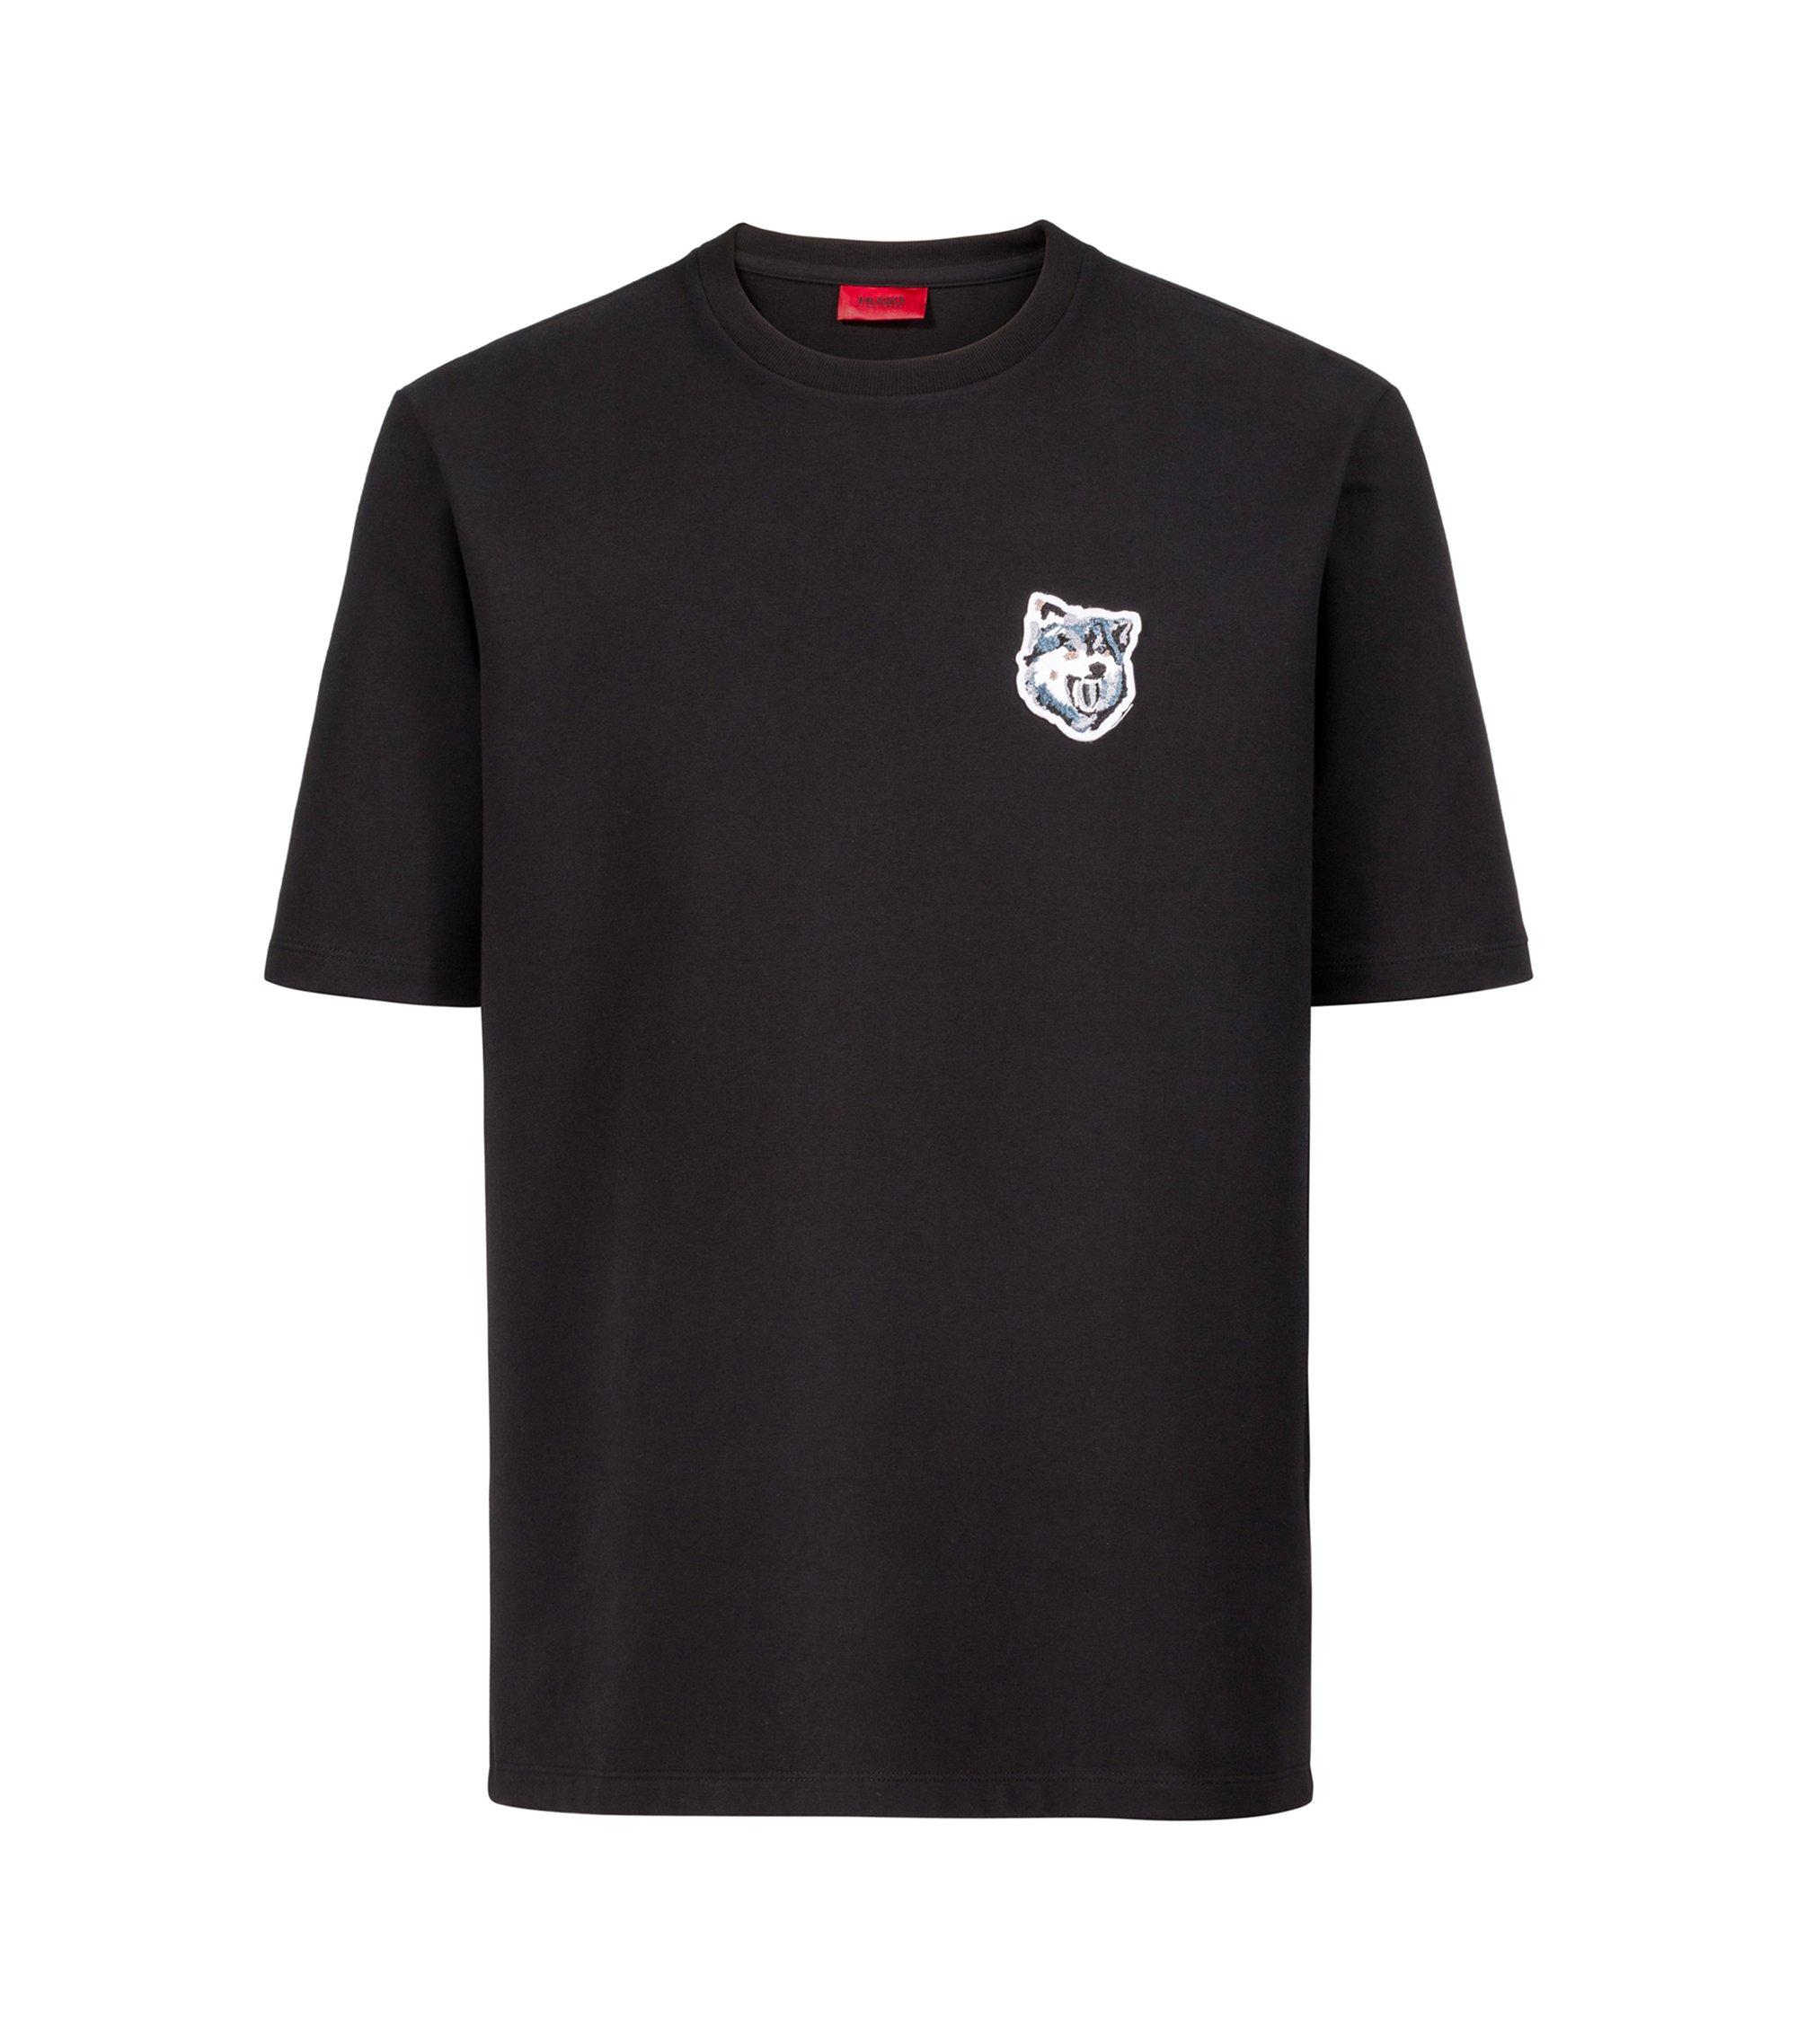 T-shirt Oversized Fit en doux French Terry avec badge loup, Noir